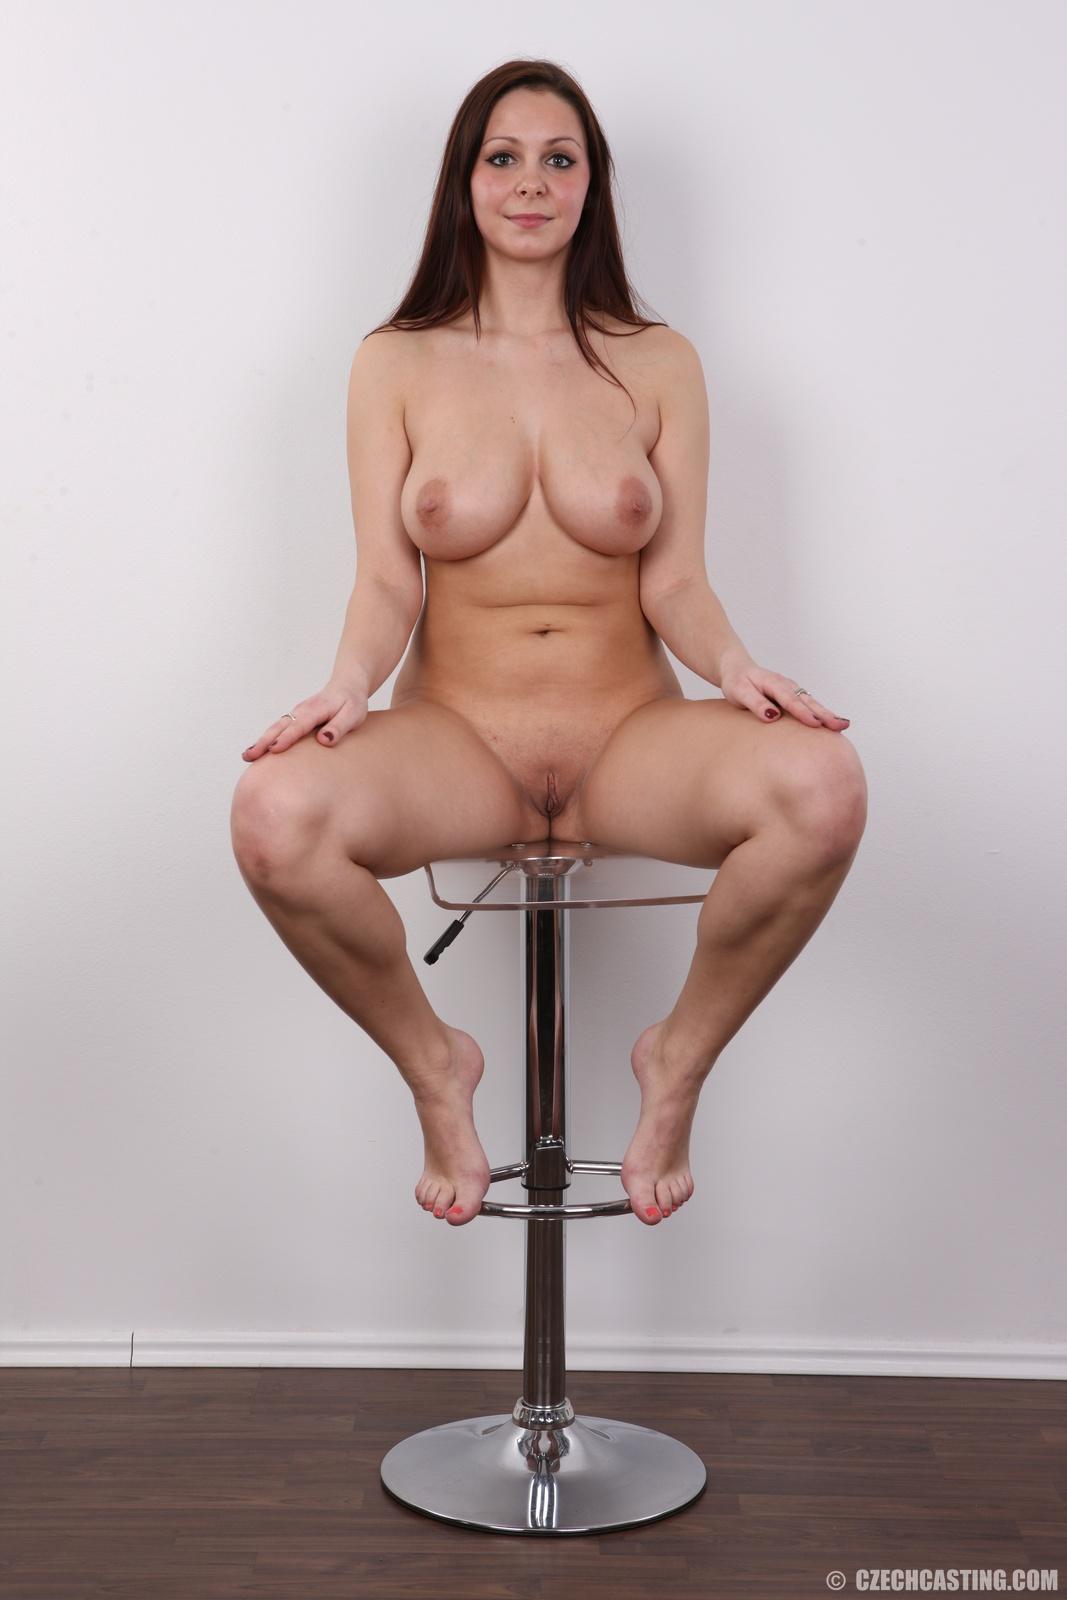 Big girls naked-4237